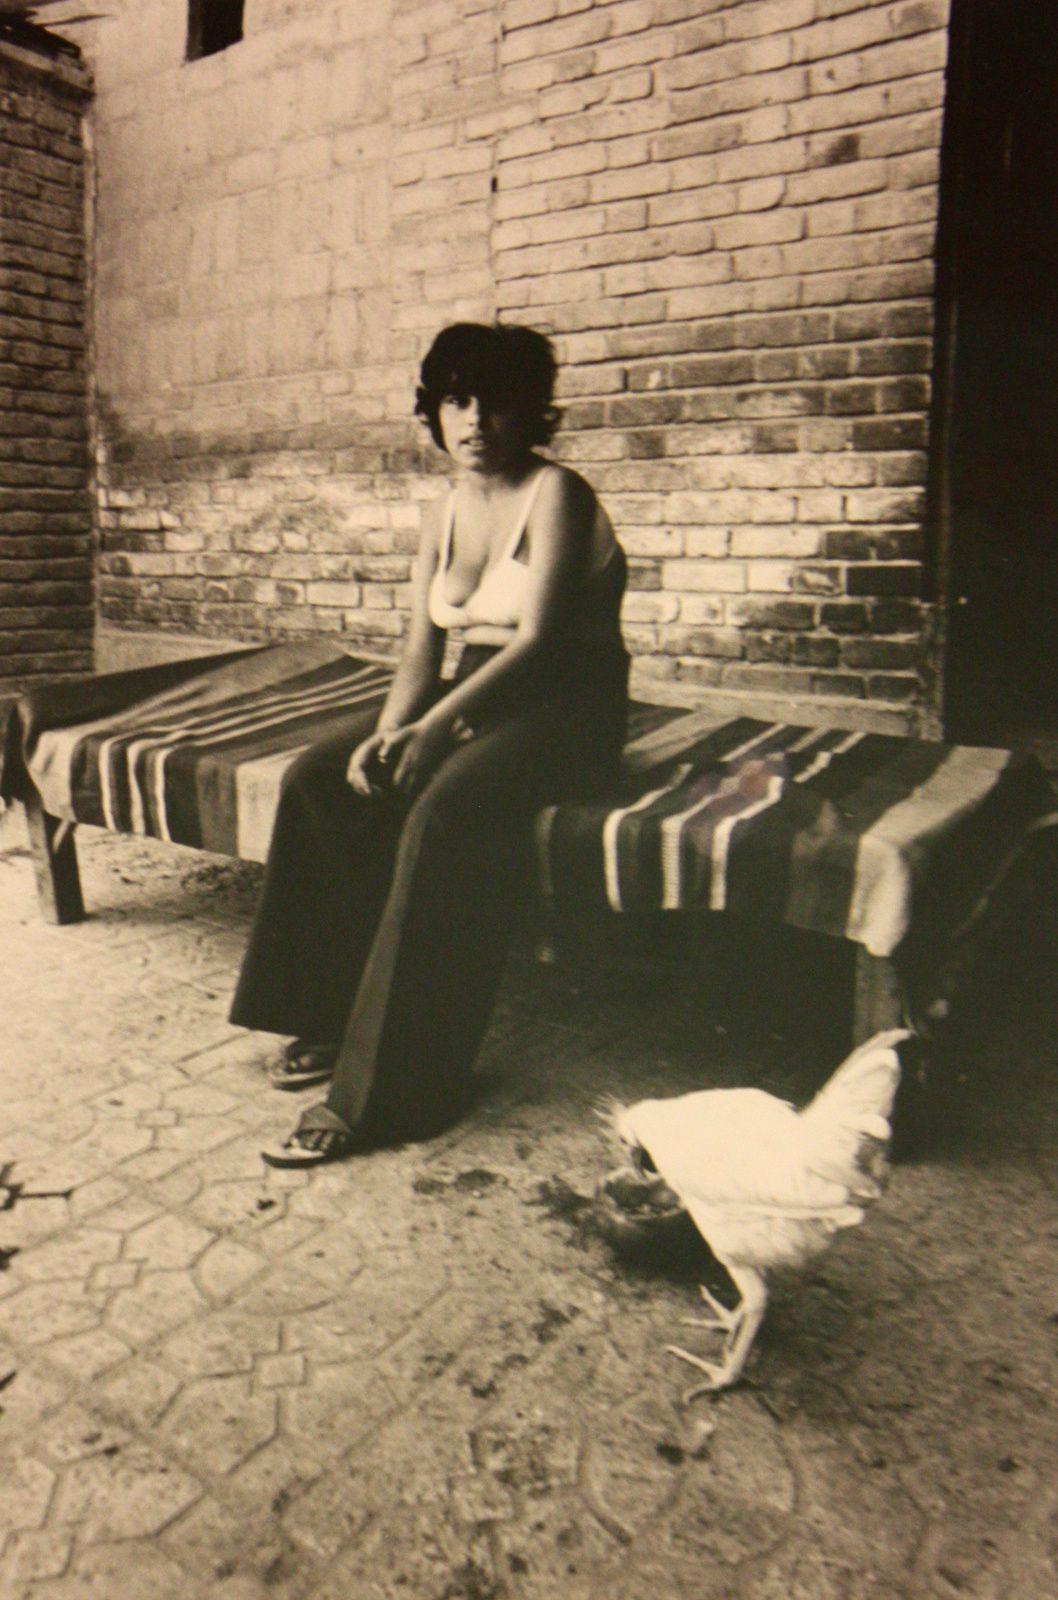 Série prostituées 1975-1977 de KAVEH GOLESTAN